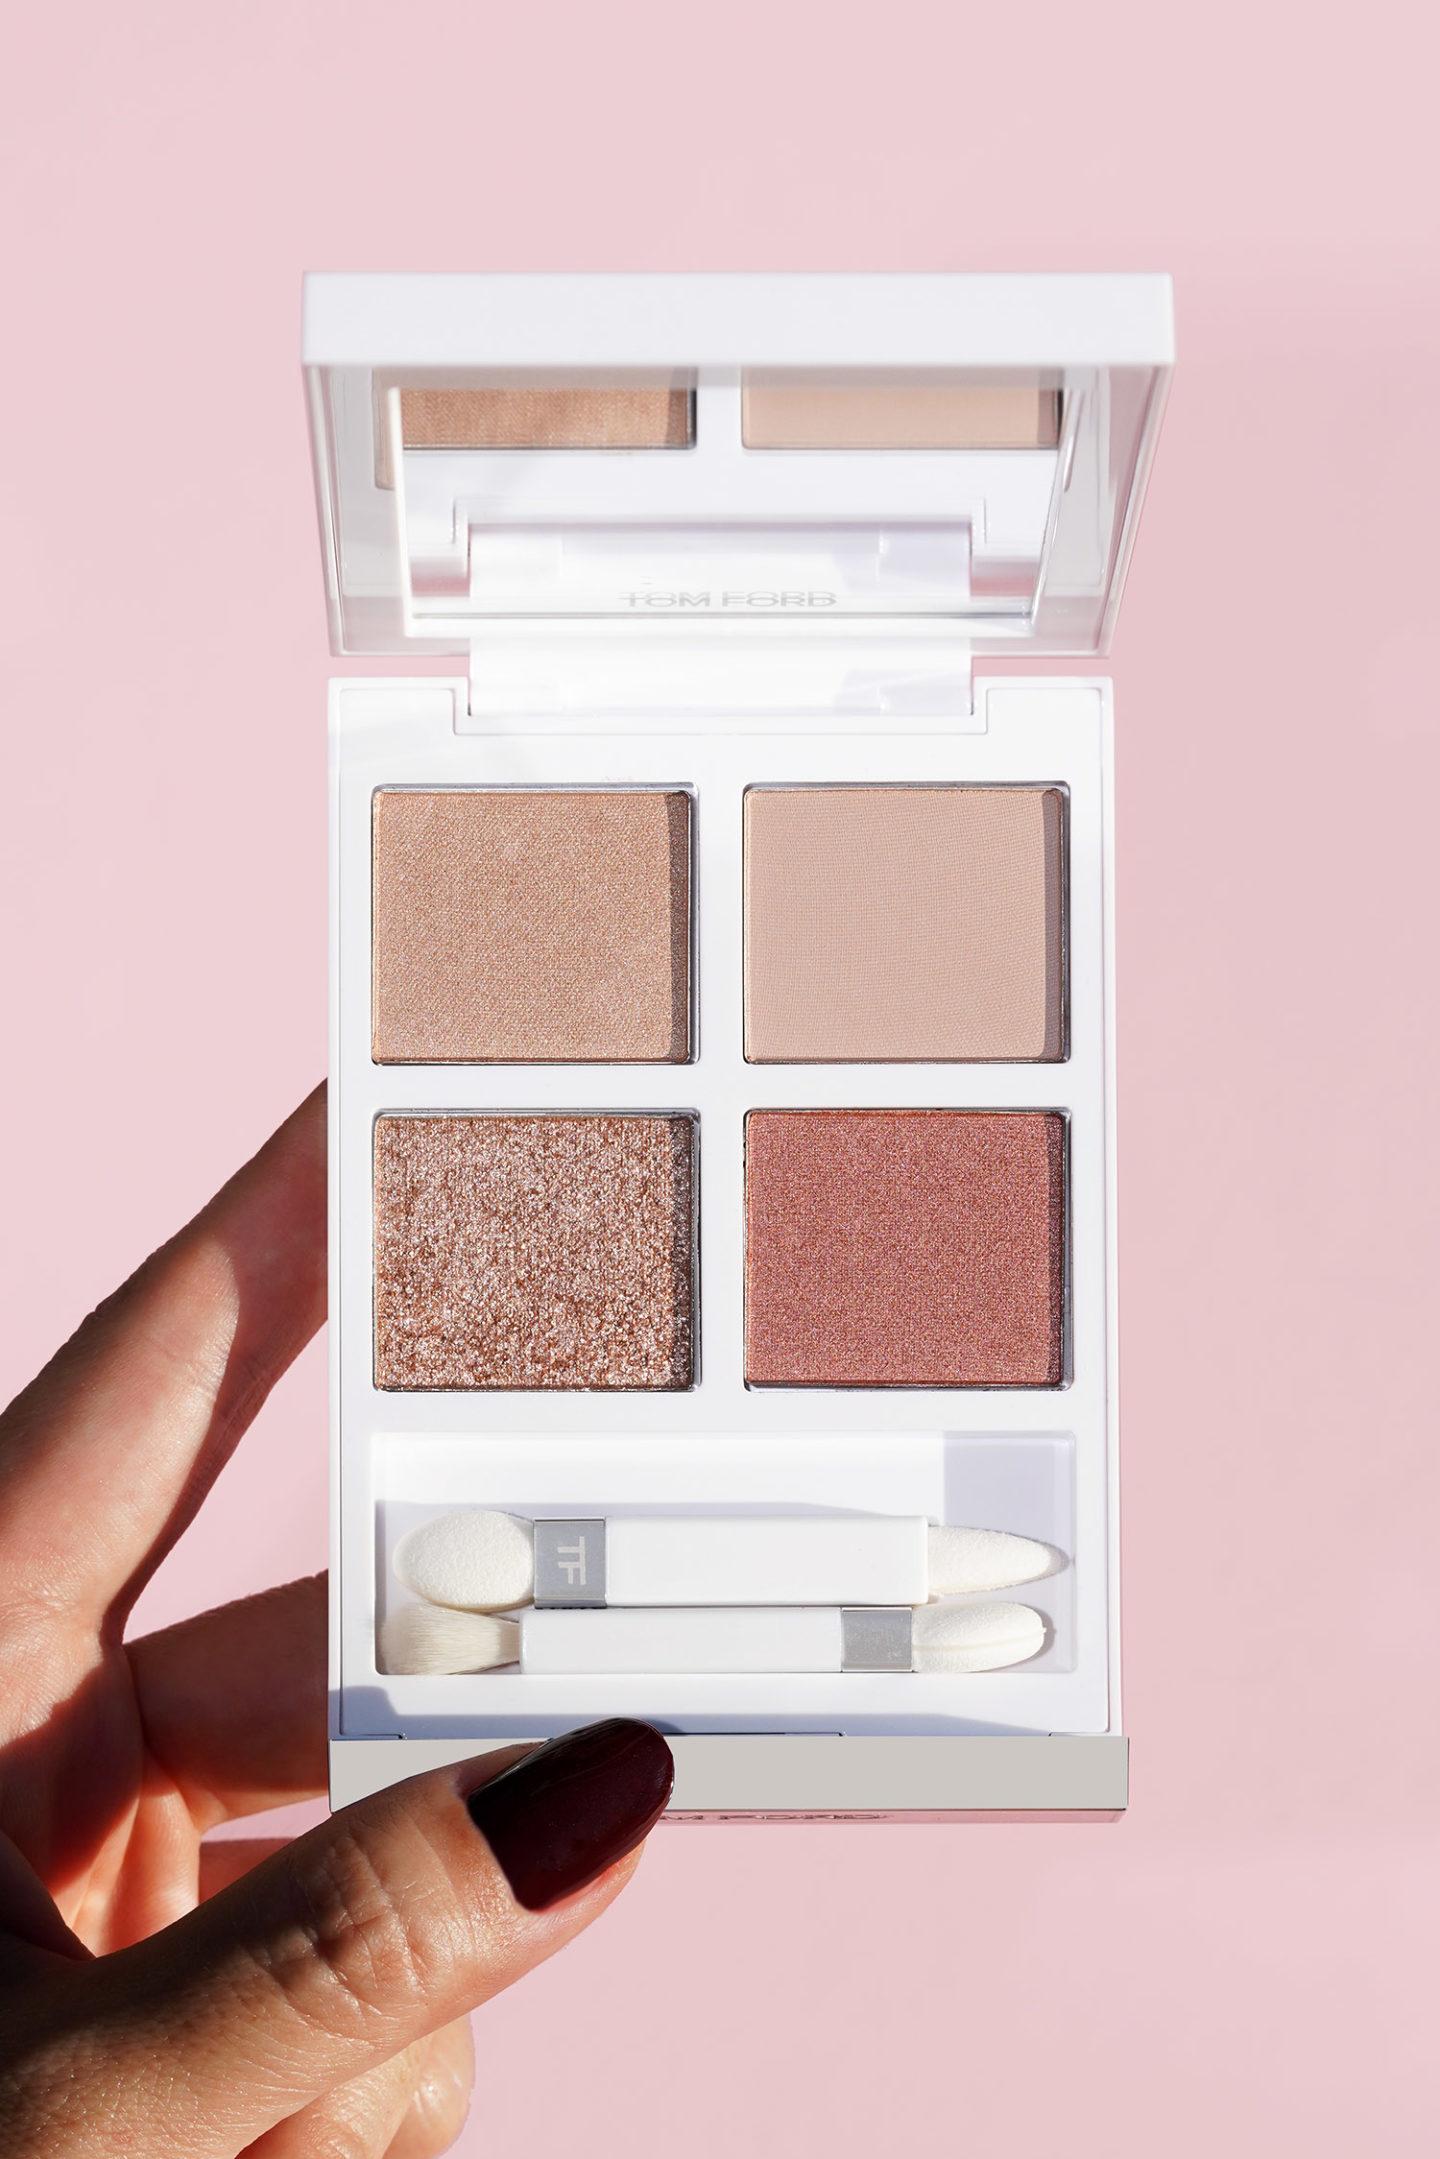 Tom Ford Soleil Nude Pink Eyeshadow Quad